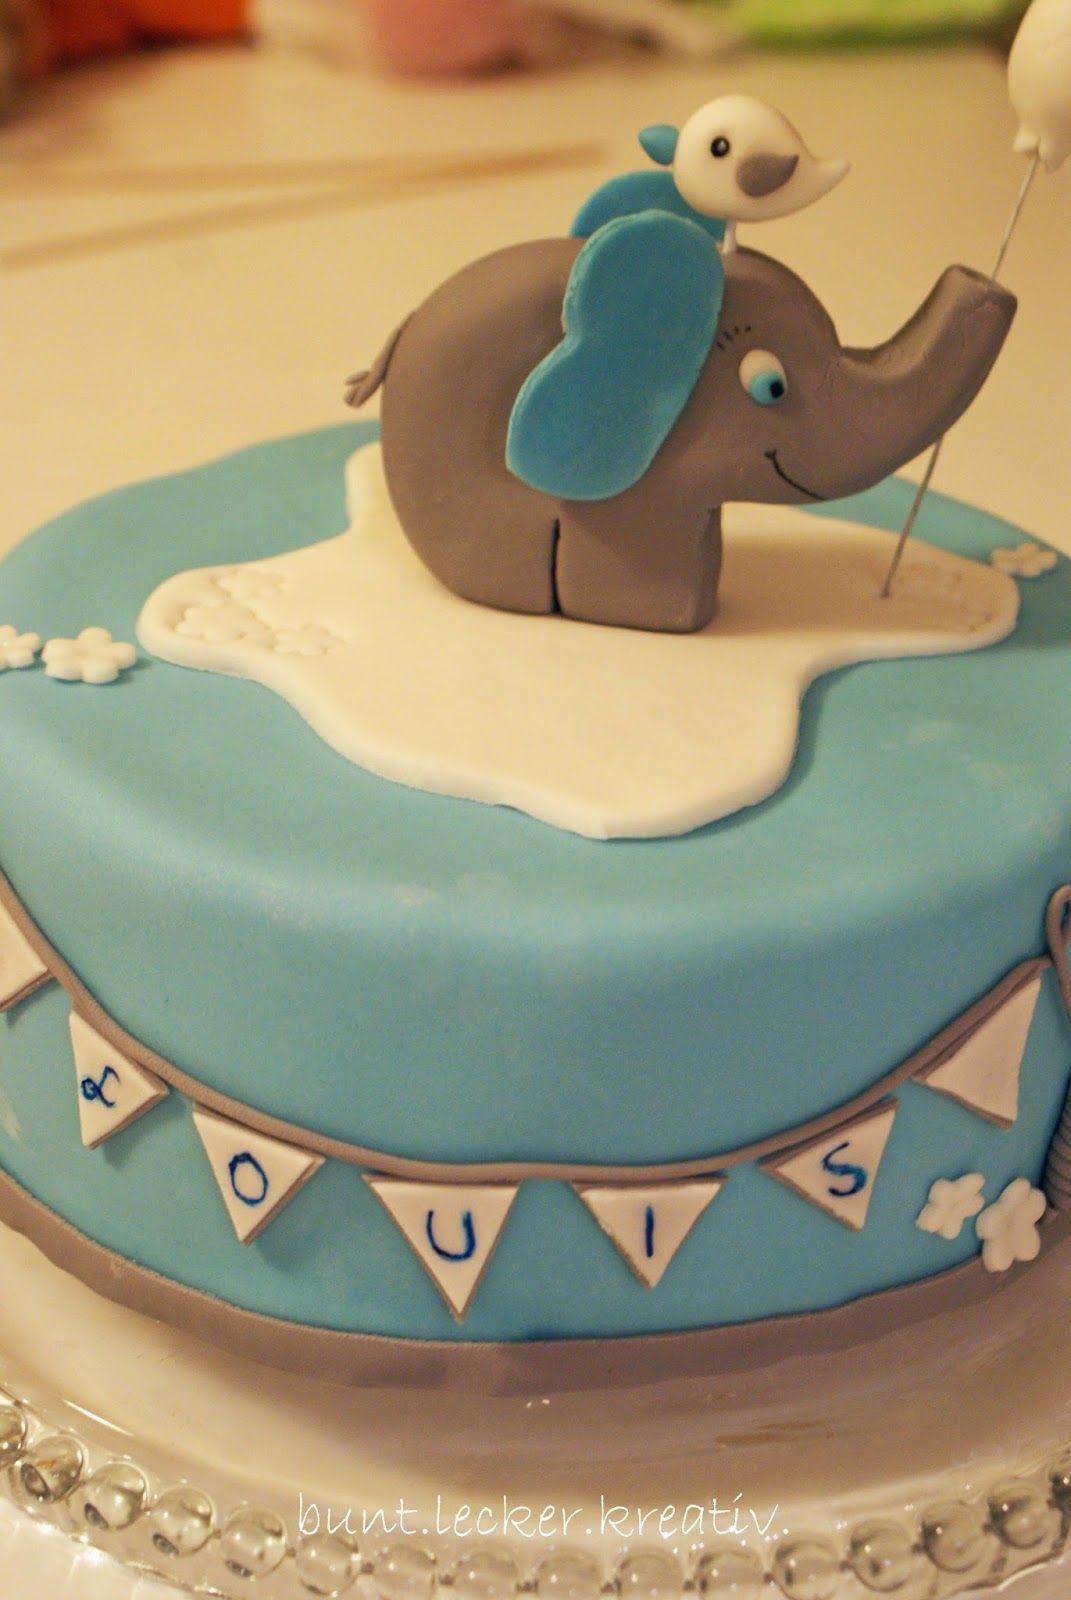 Tortchen Zum 1 Geburtstag Geburtstag Torte Junge Torte